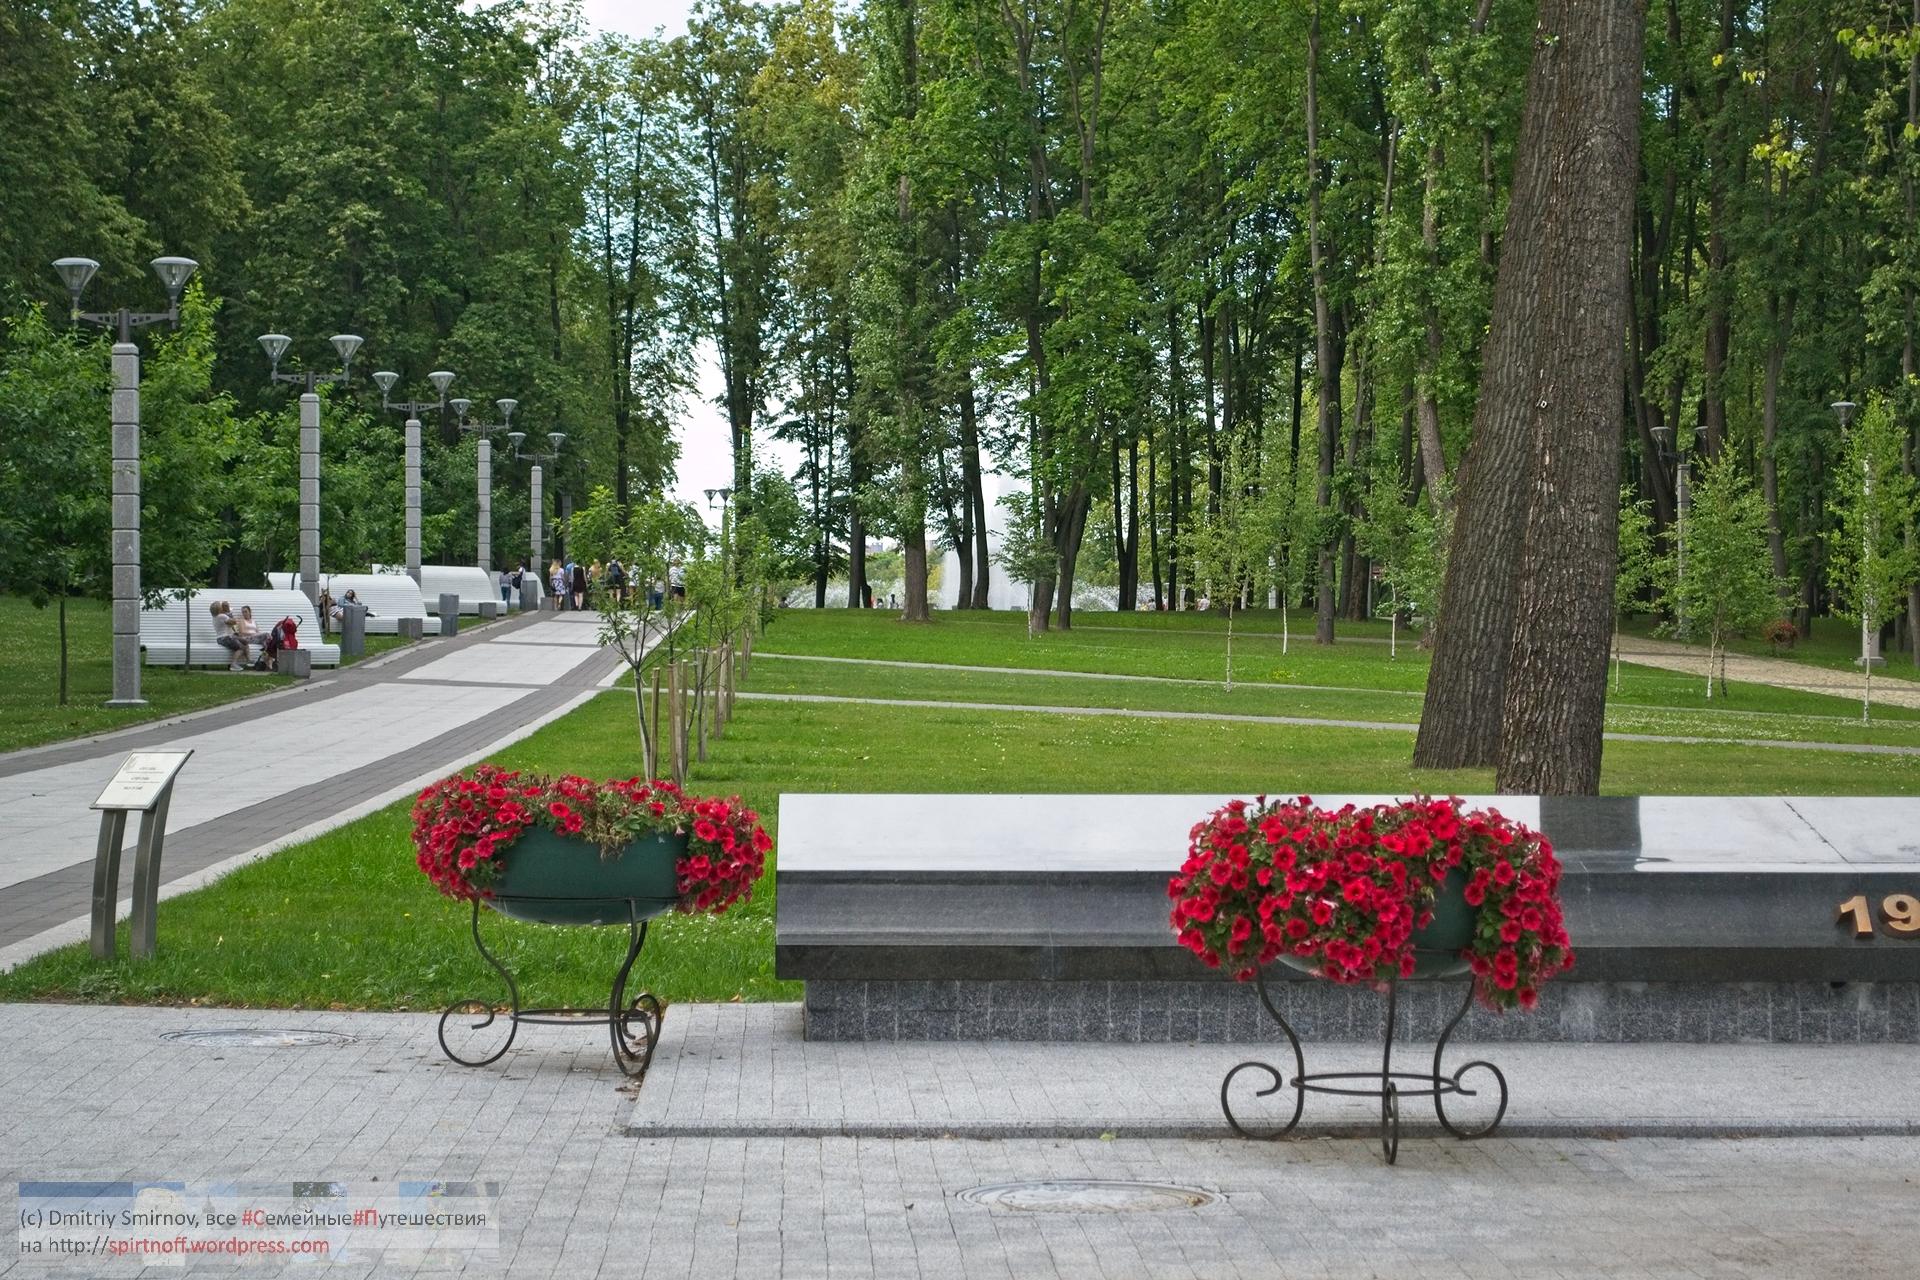 DSC_7087-36-Blog-75 Путешествия  Минск. Парк Победы